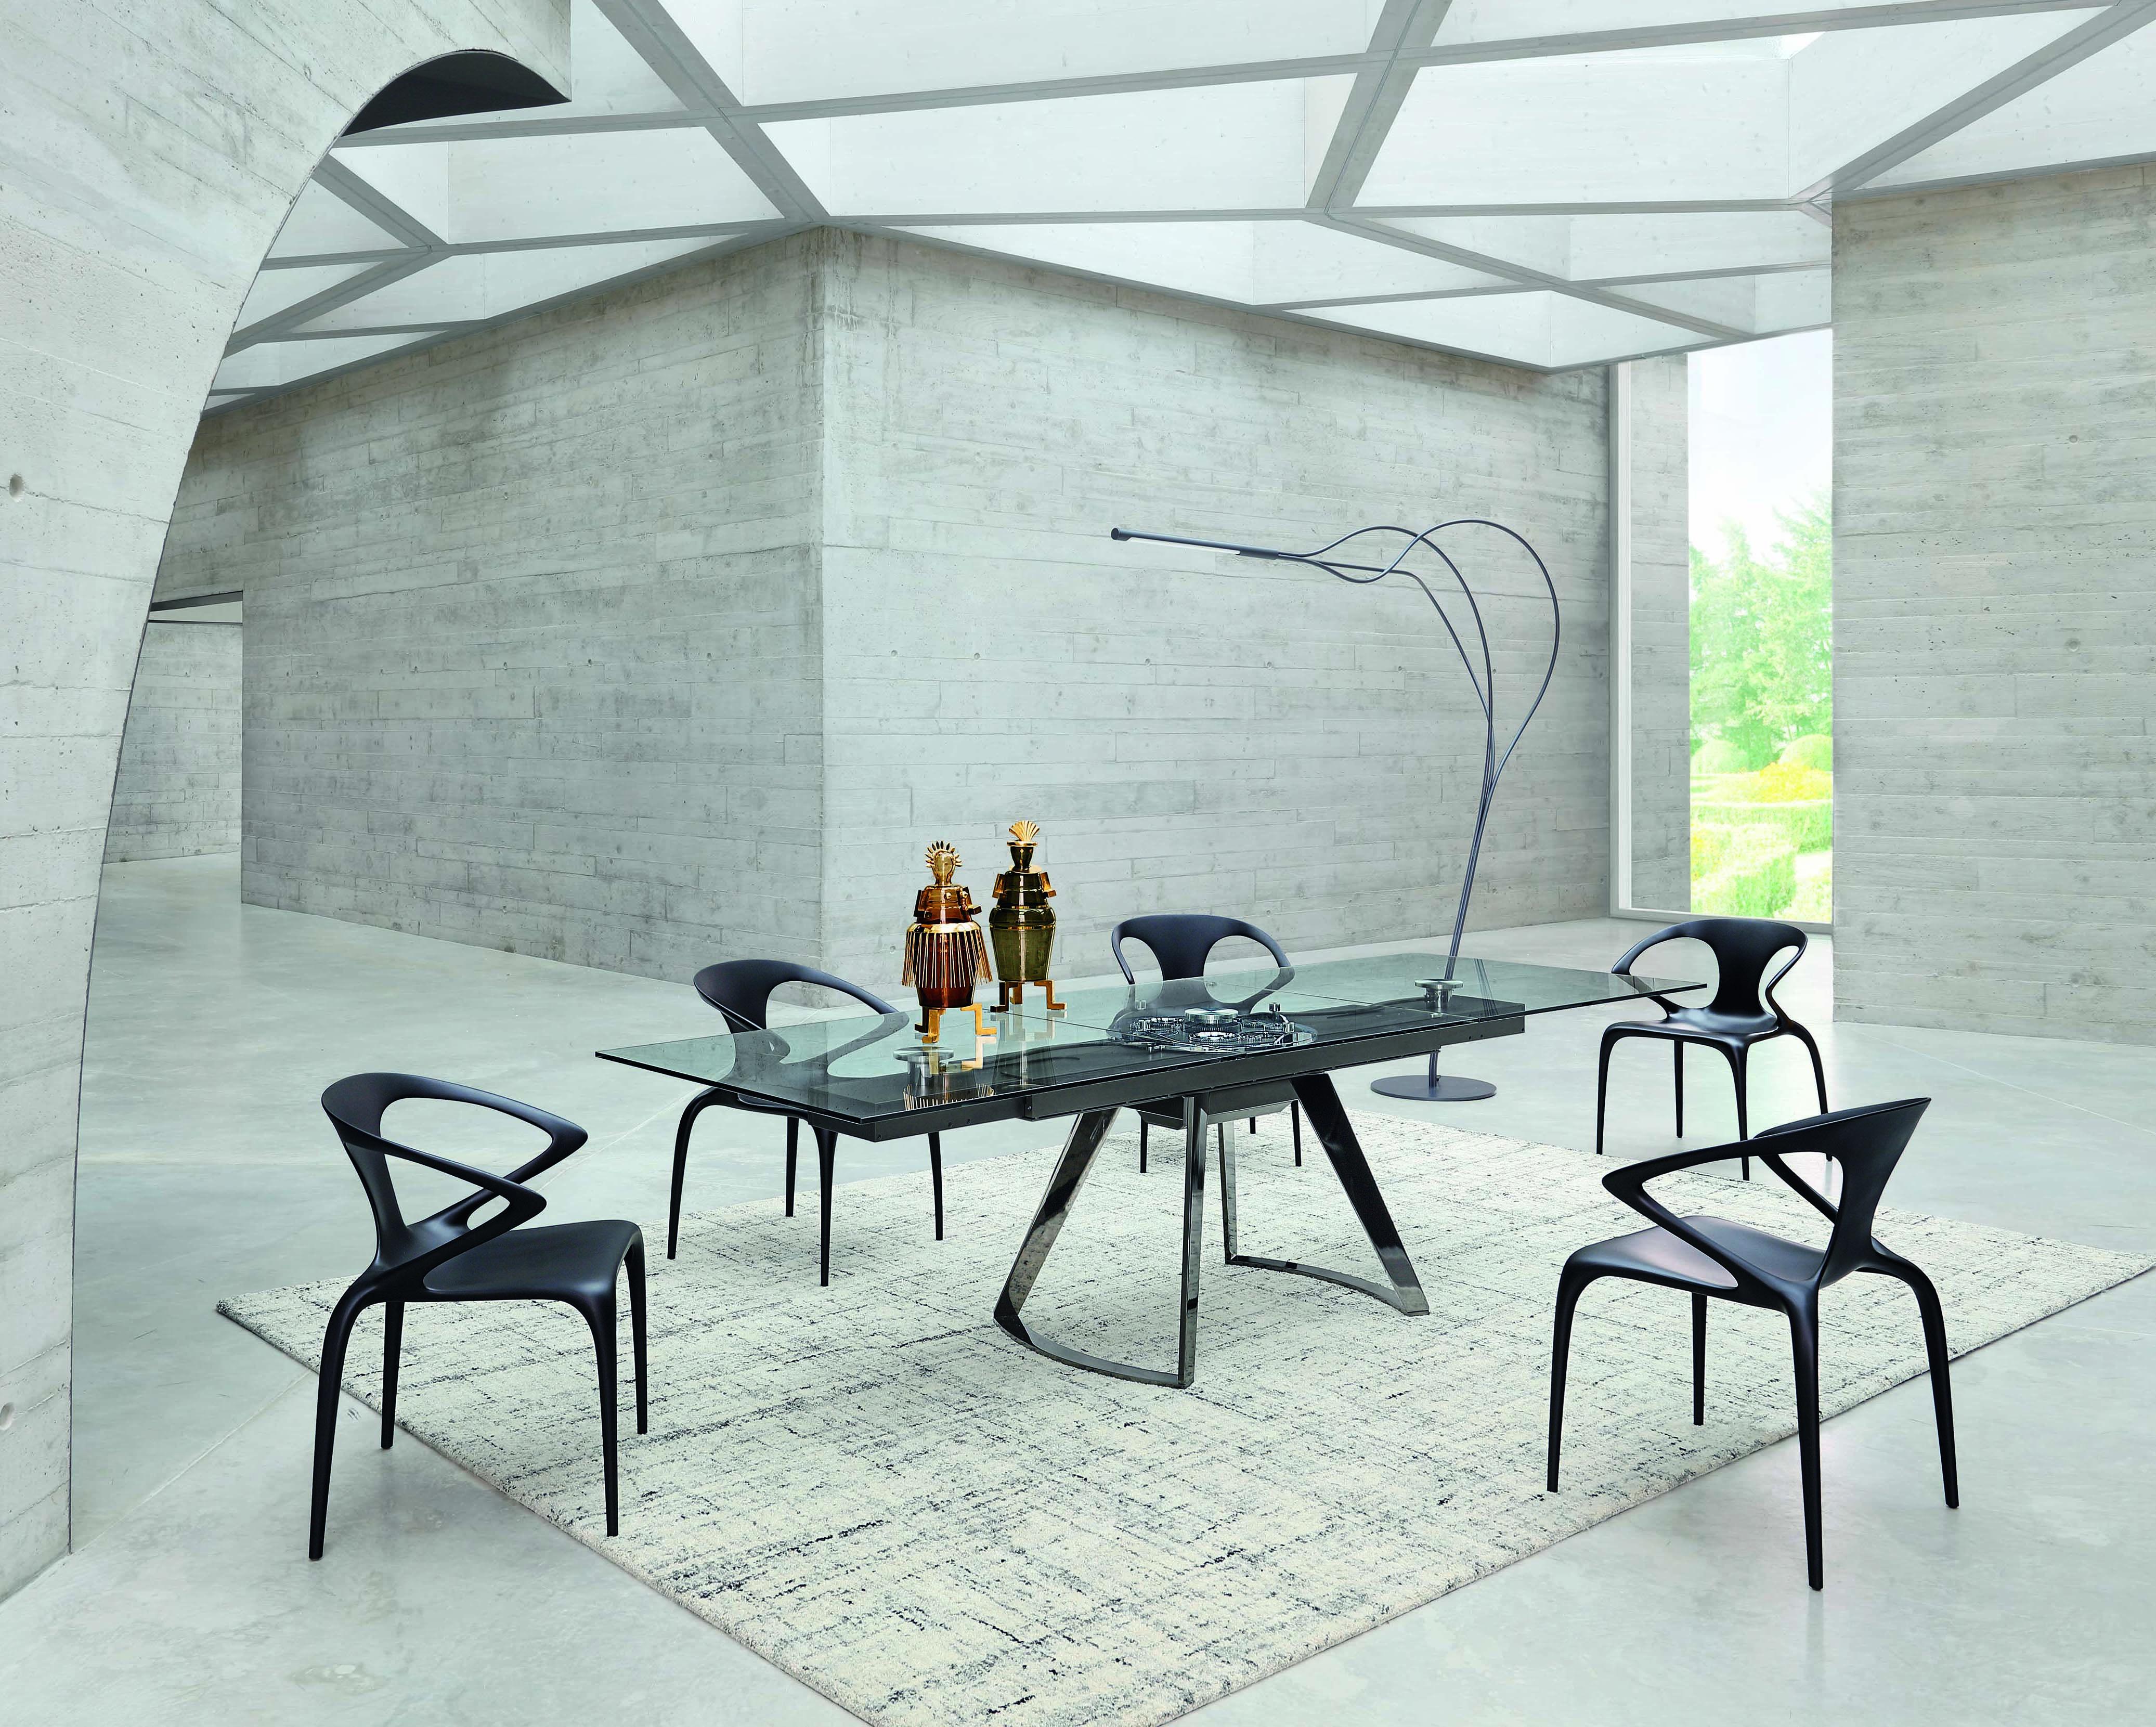 Roche Bobois L Astrolab Dining Table L Designed By Studio Roche Bobois En 2020 Salle A Manger Design Salle A Manger Deco Salon